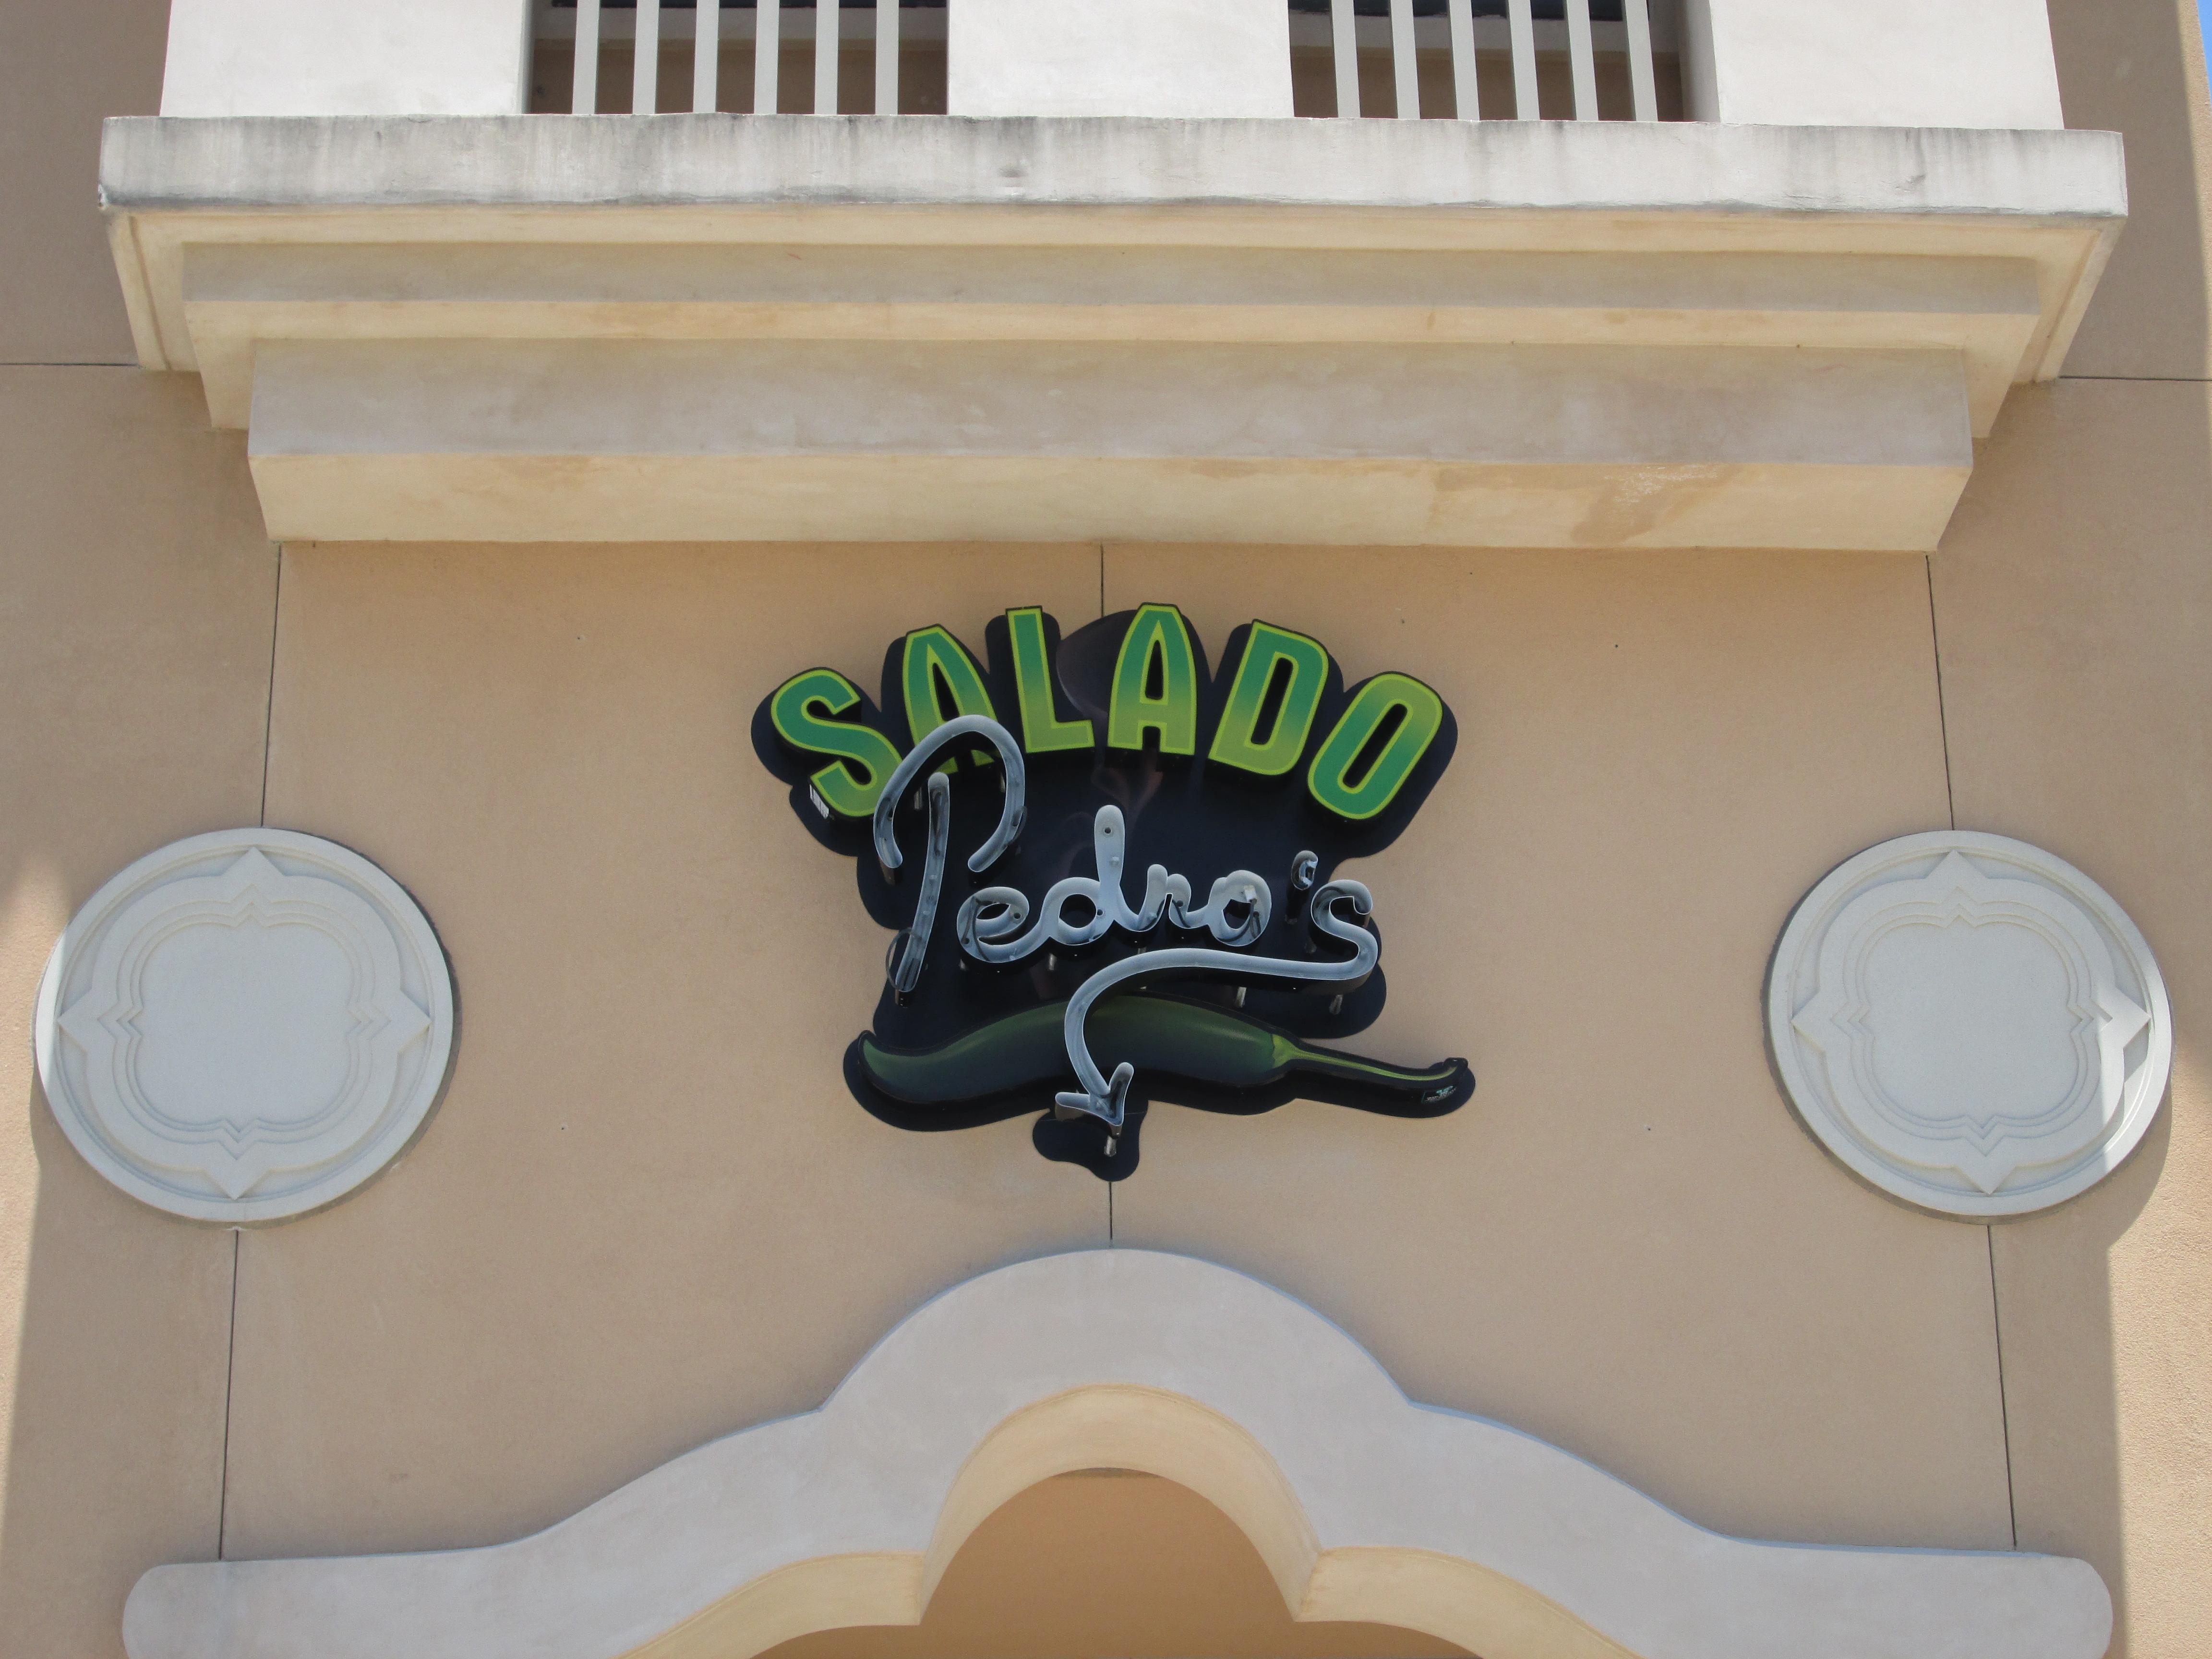 Salado Pedro's, Estero, FL by Lee Designs